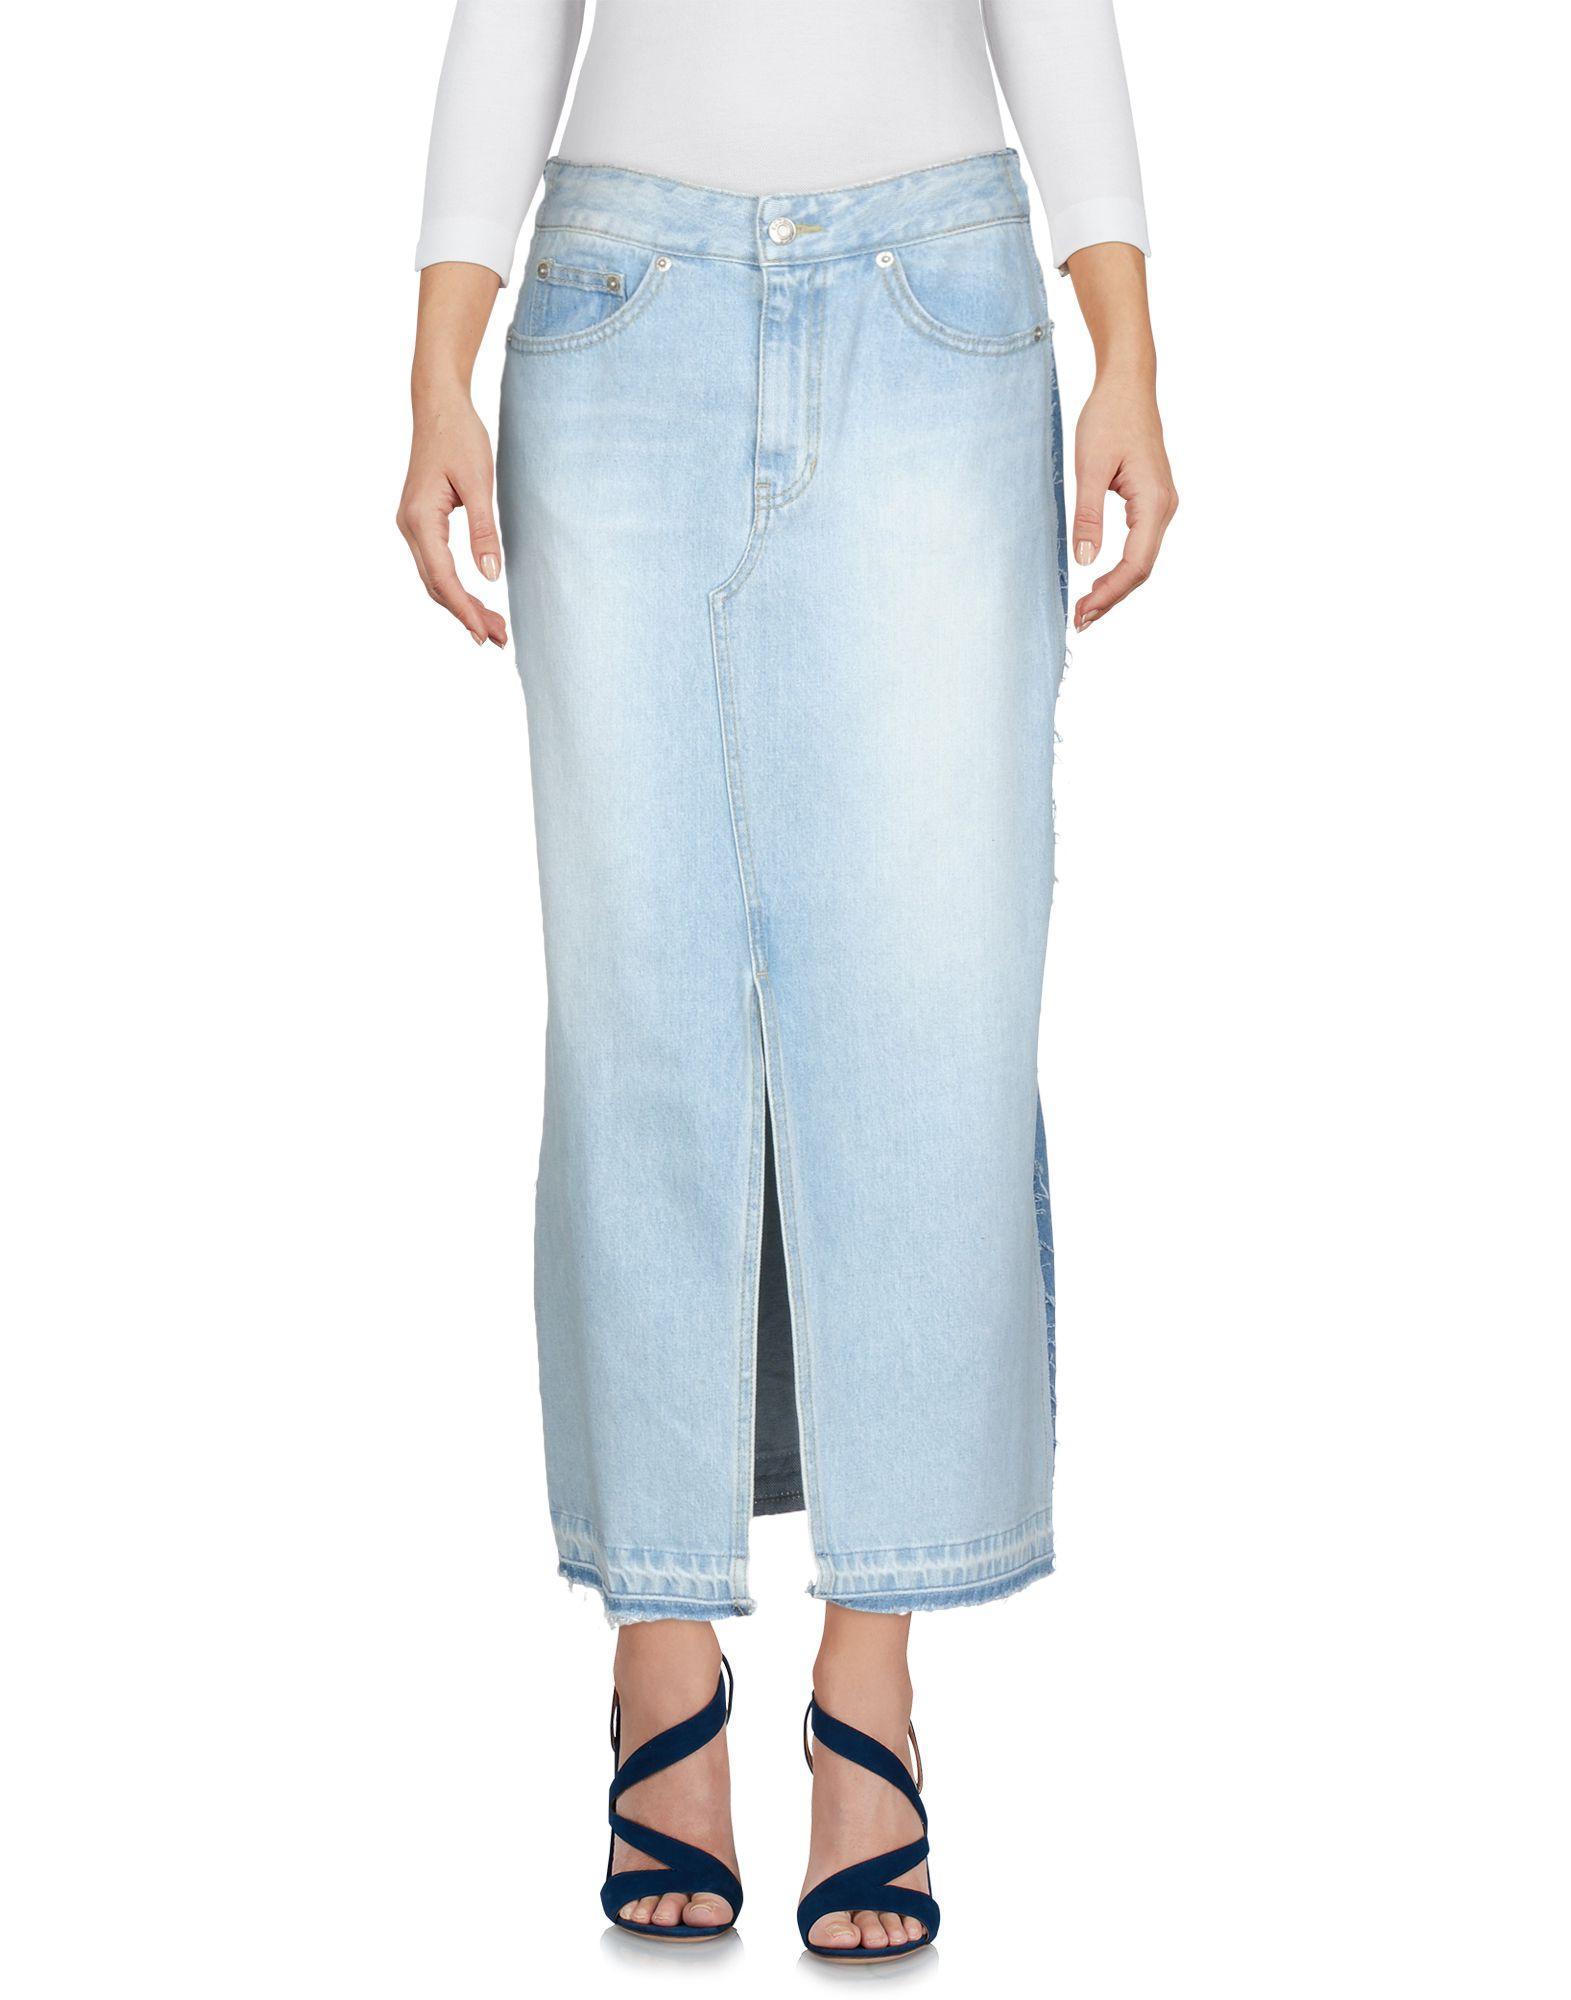 Sjyp Denim Skirt In Blue